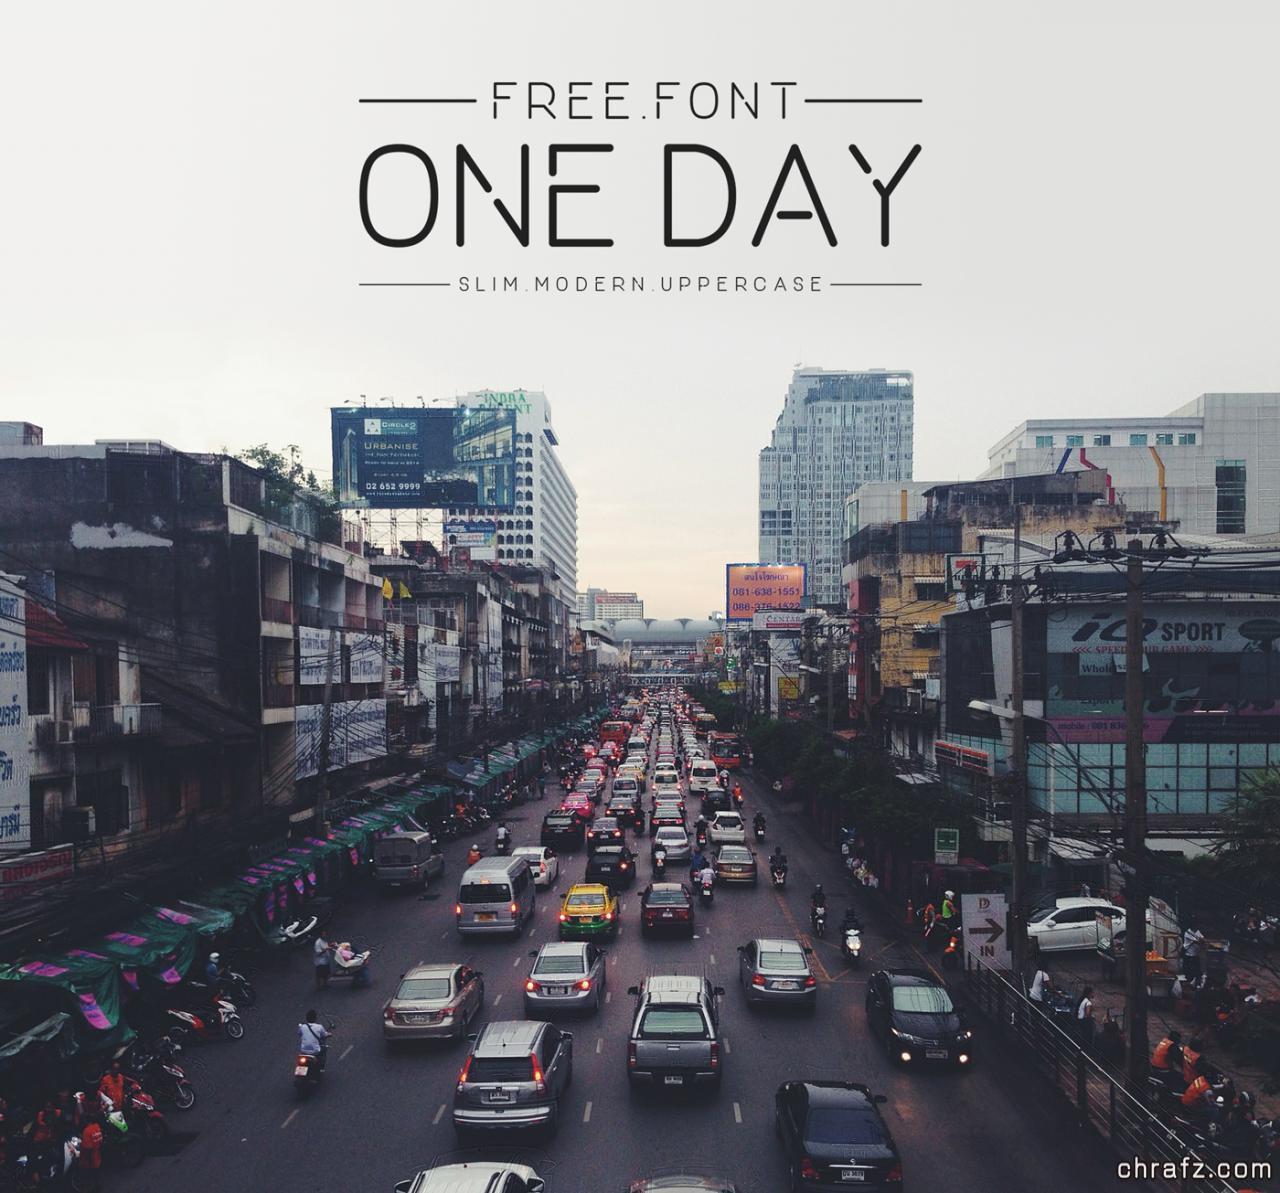 商用现代感字体:One Day 免费下载-张弦先生-chrafz.com